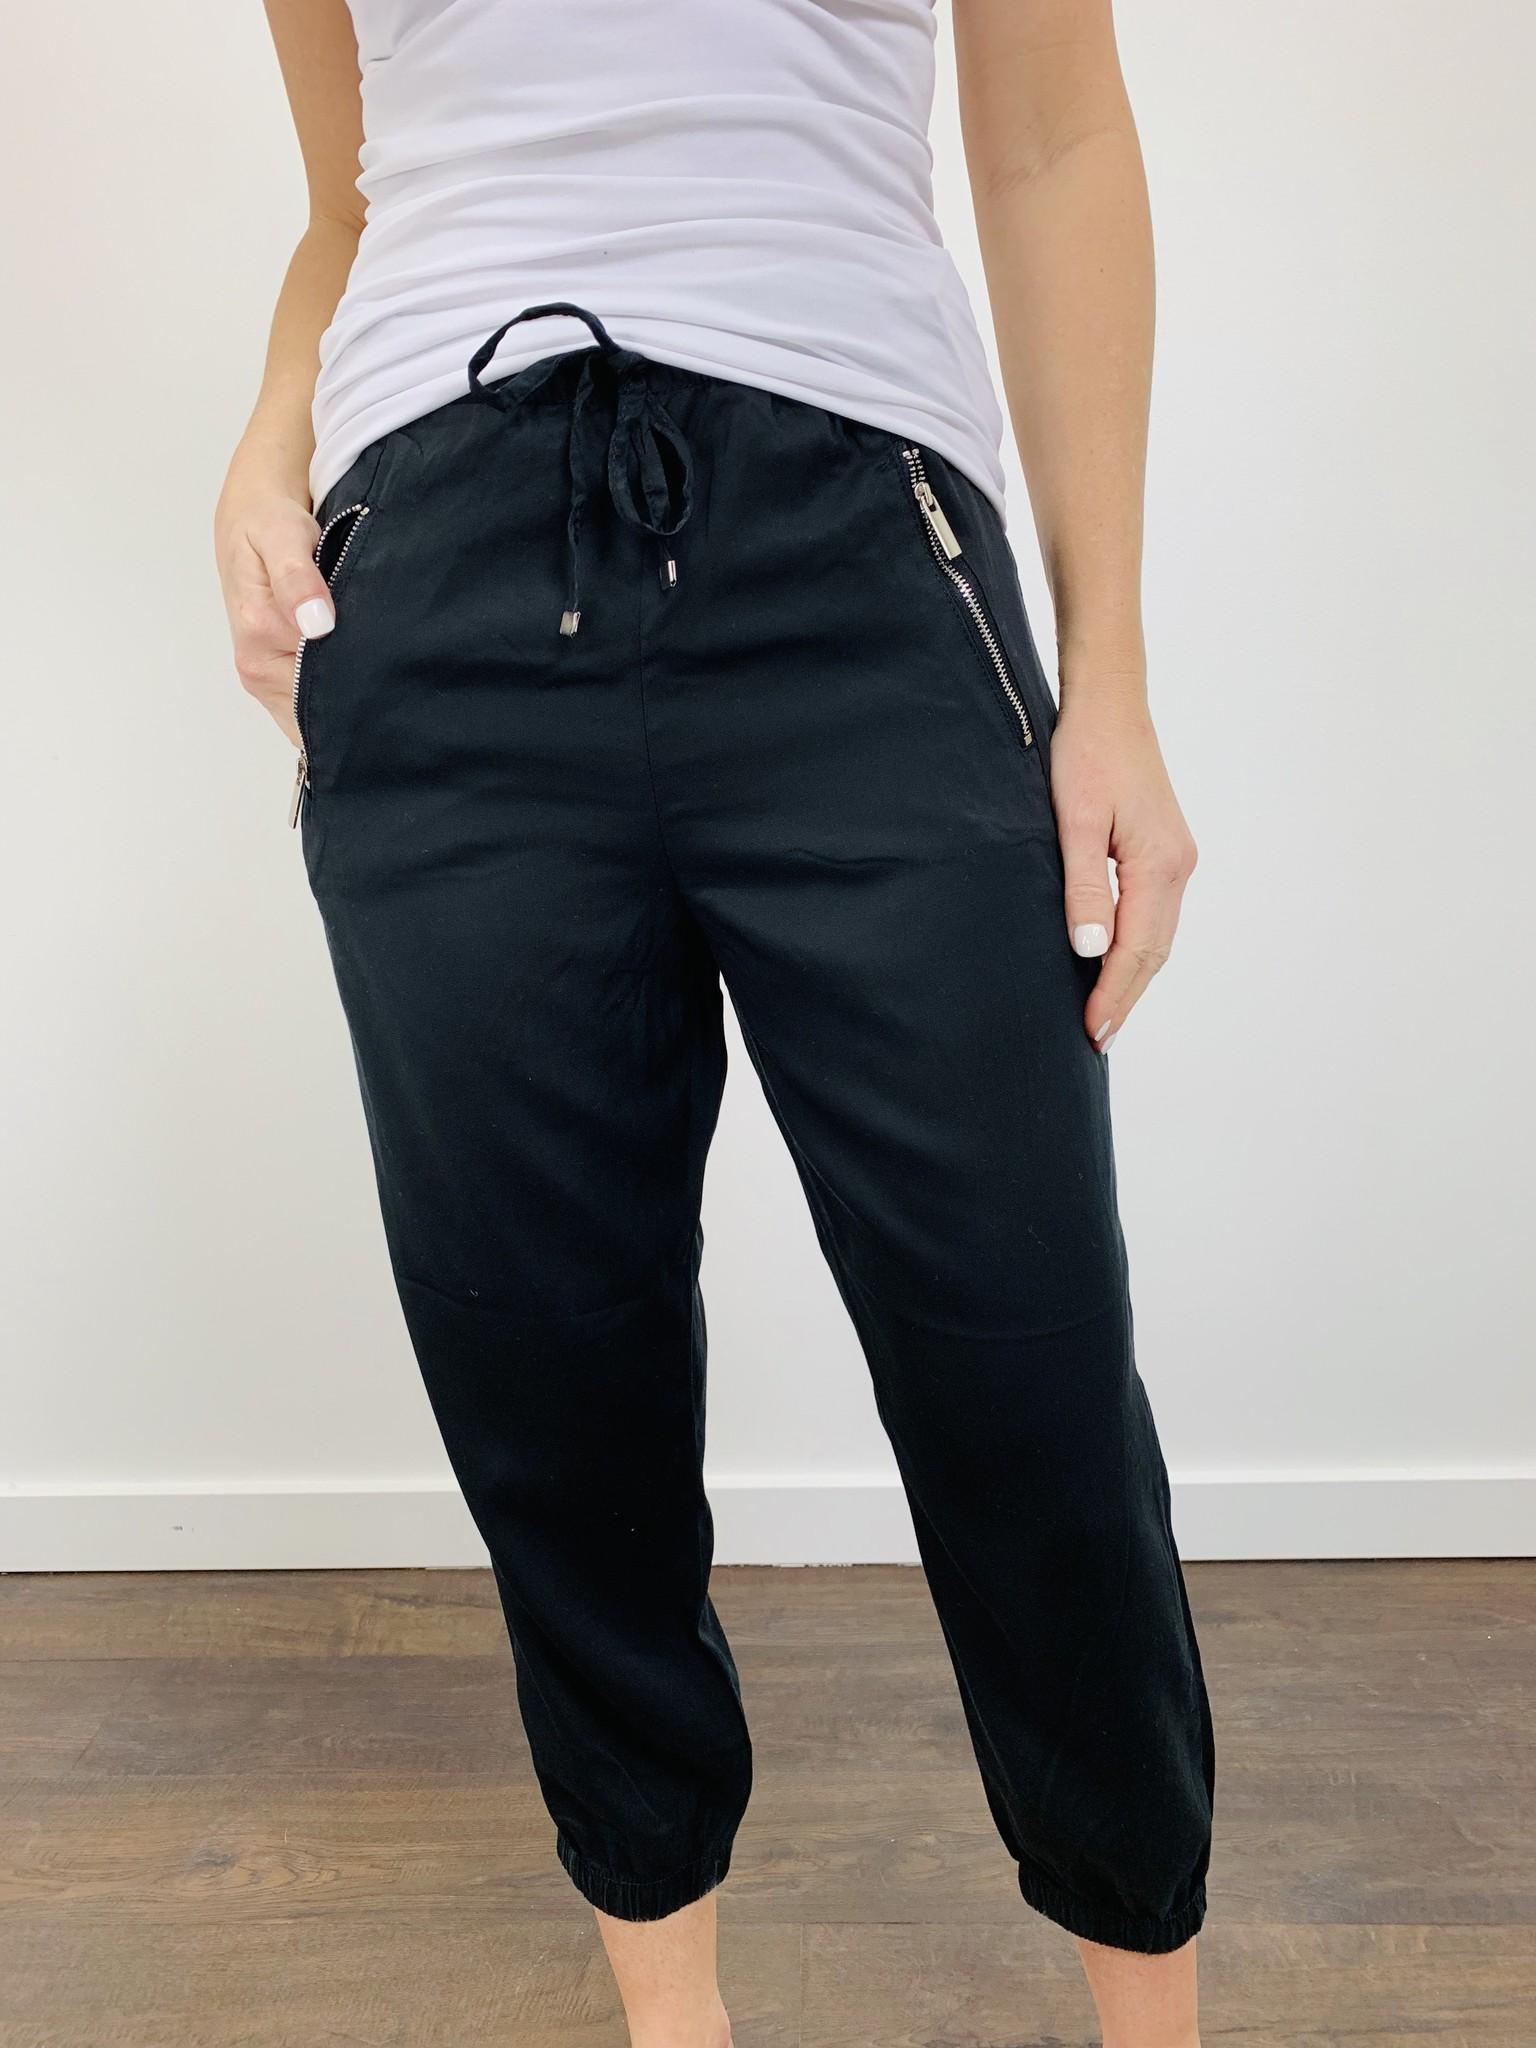 Dex Light Weight Black Jogger with Zipper Detail